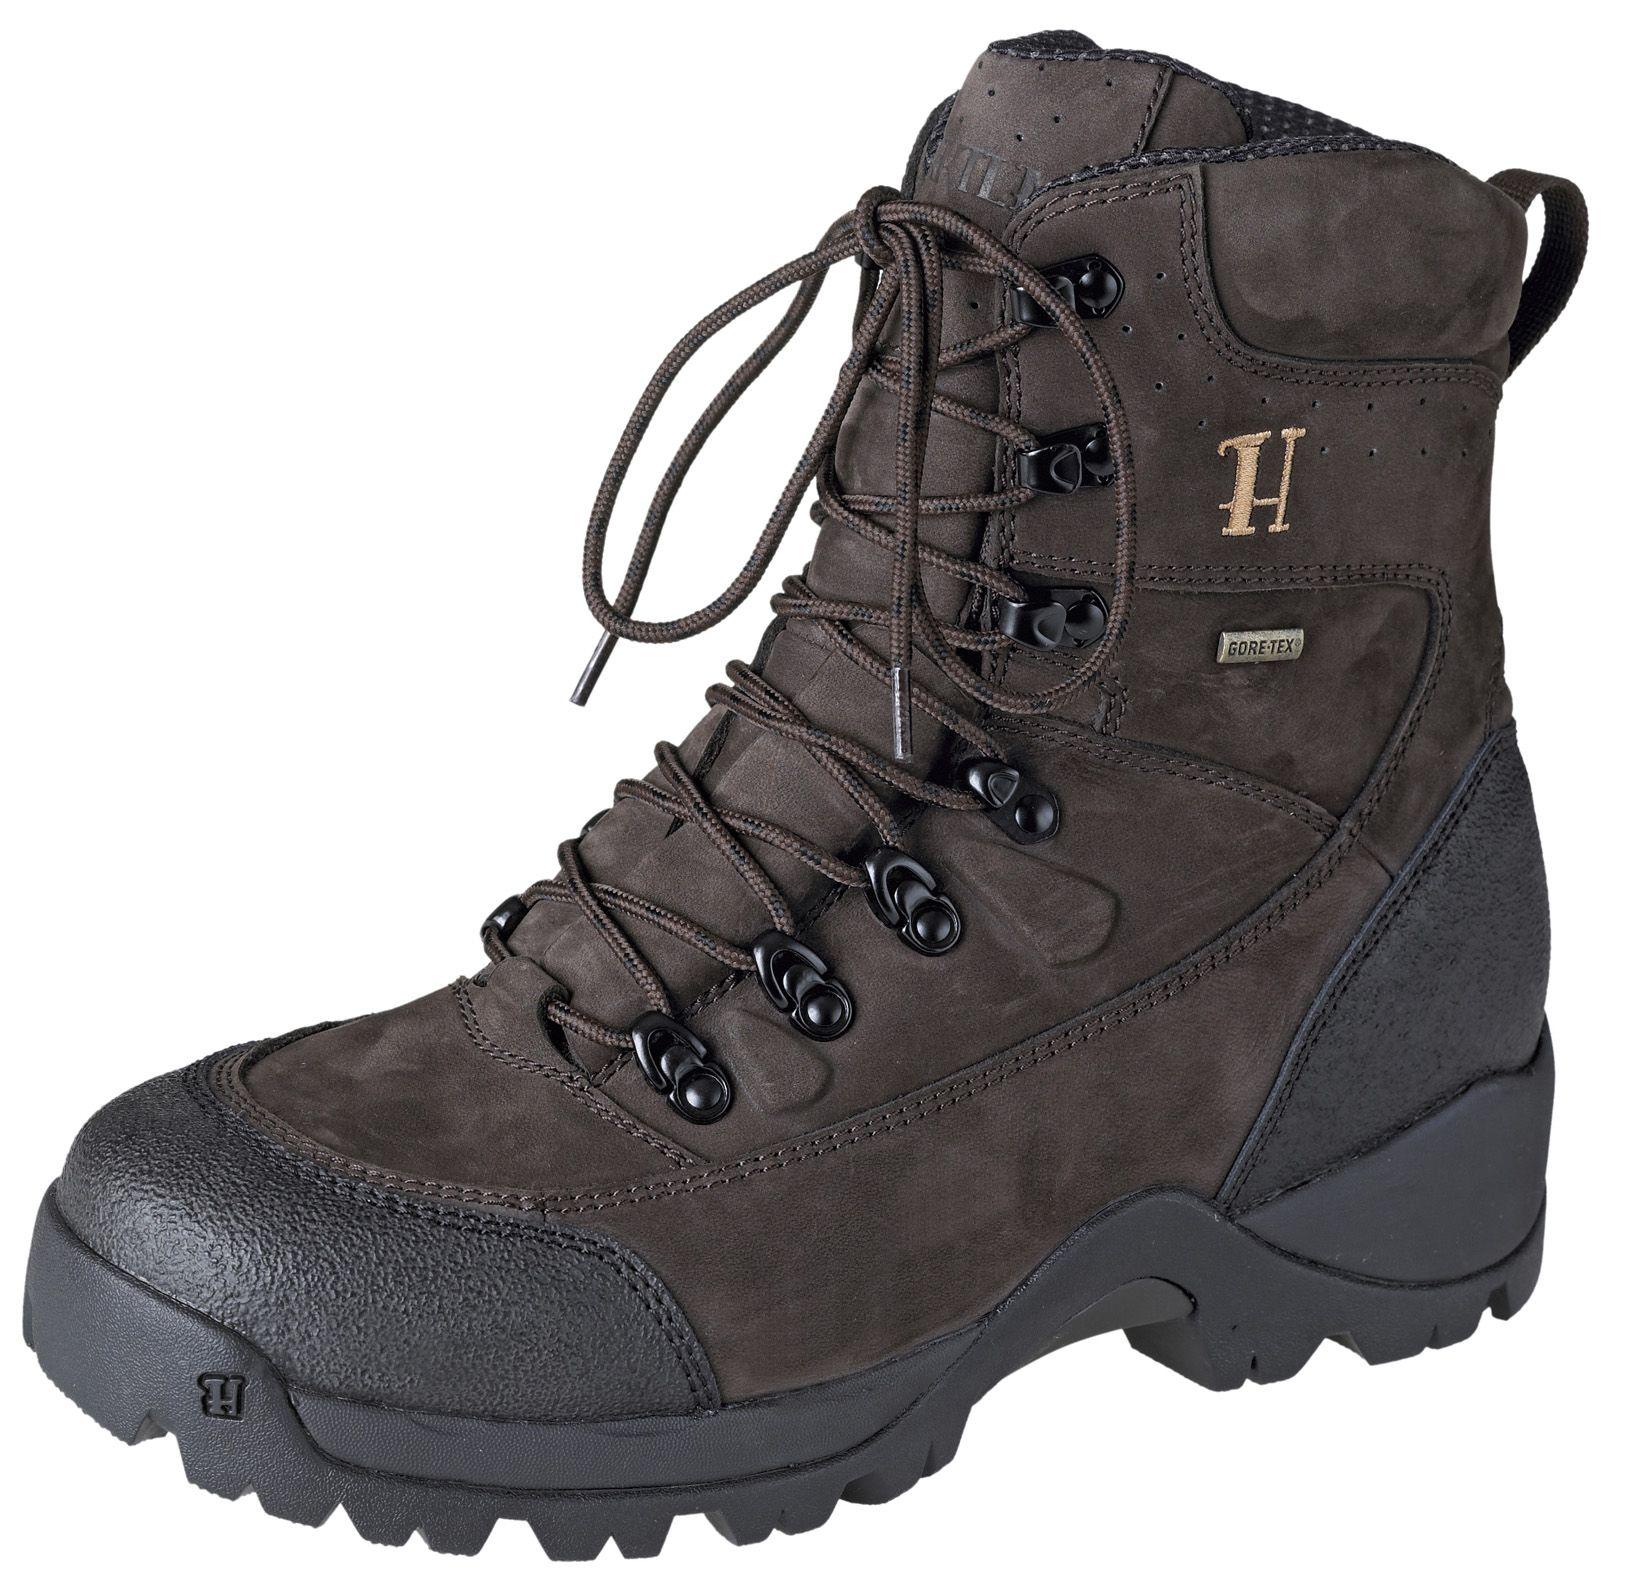 Chaussures de chasse marron foncé Big Game GTX 8 Härkila Chapuis